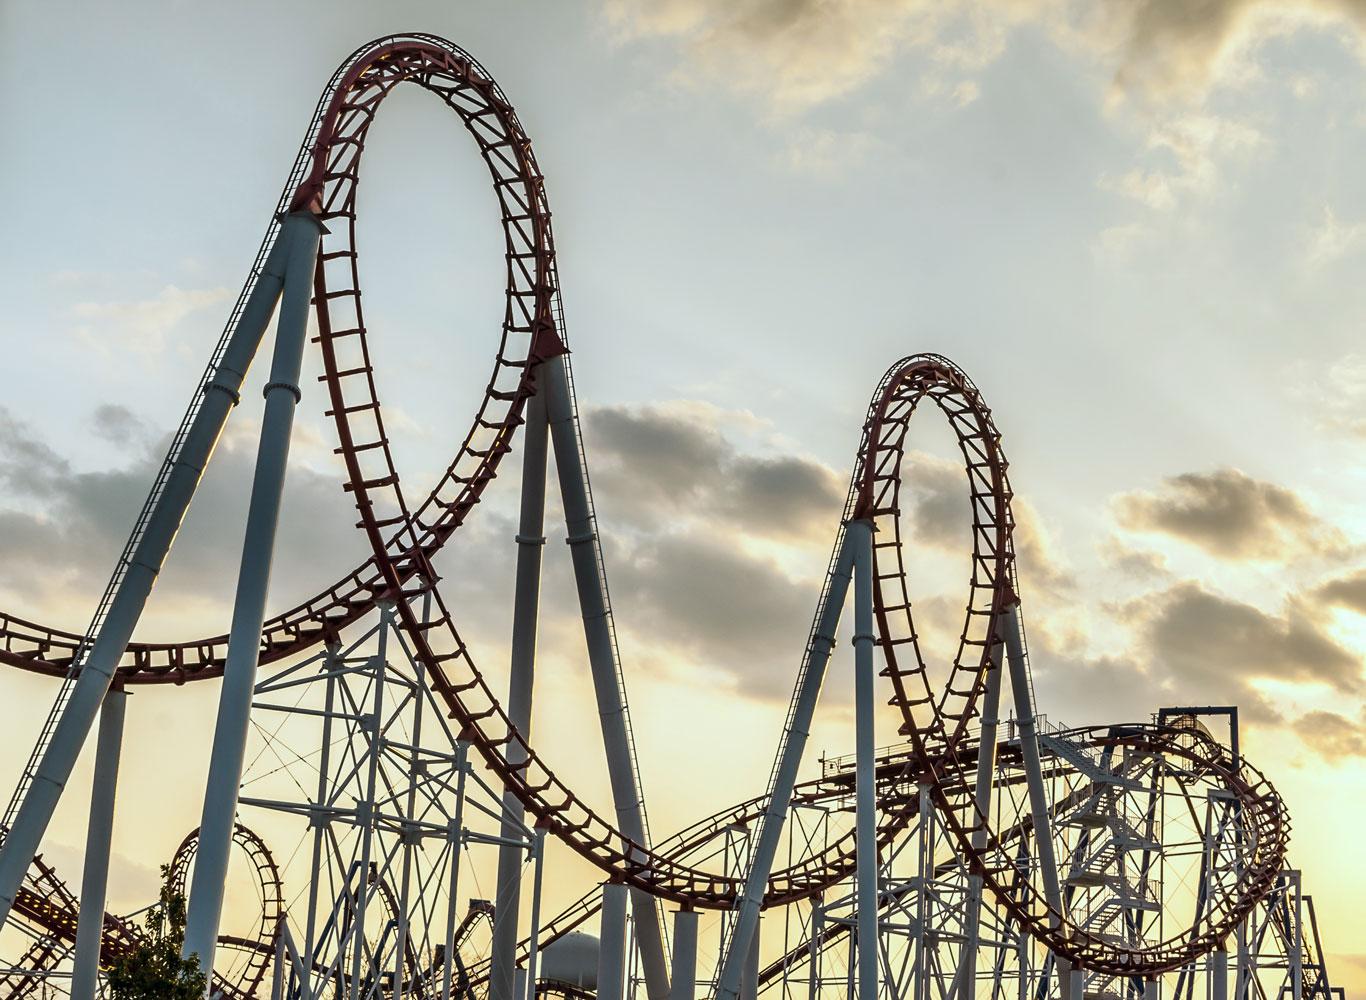 Roller-coaster-einstein-1366-0818